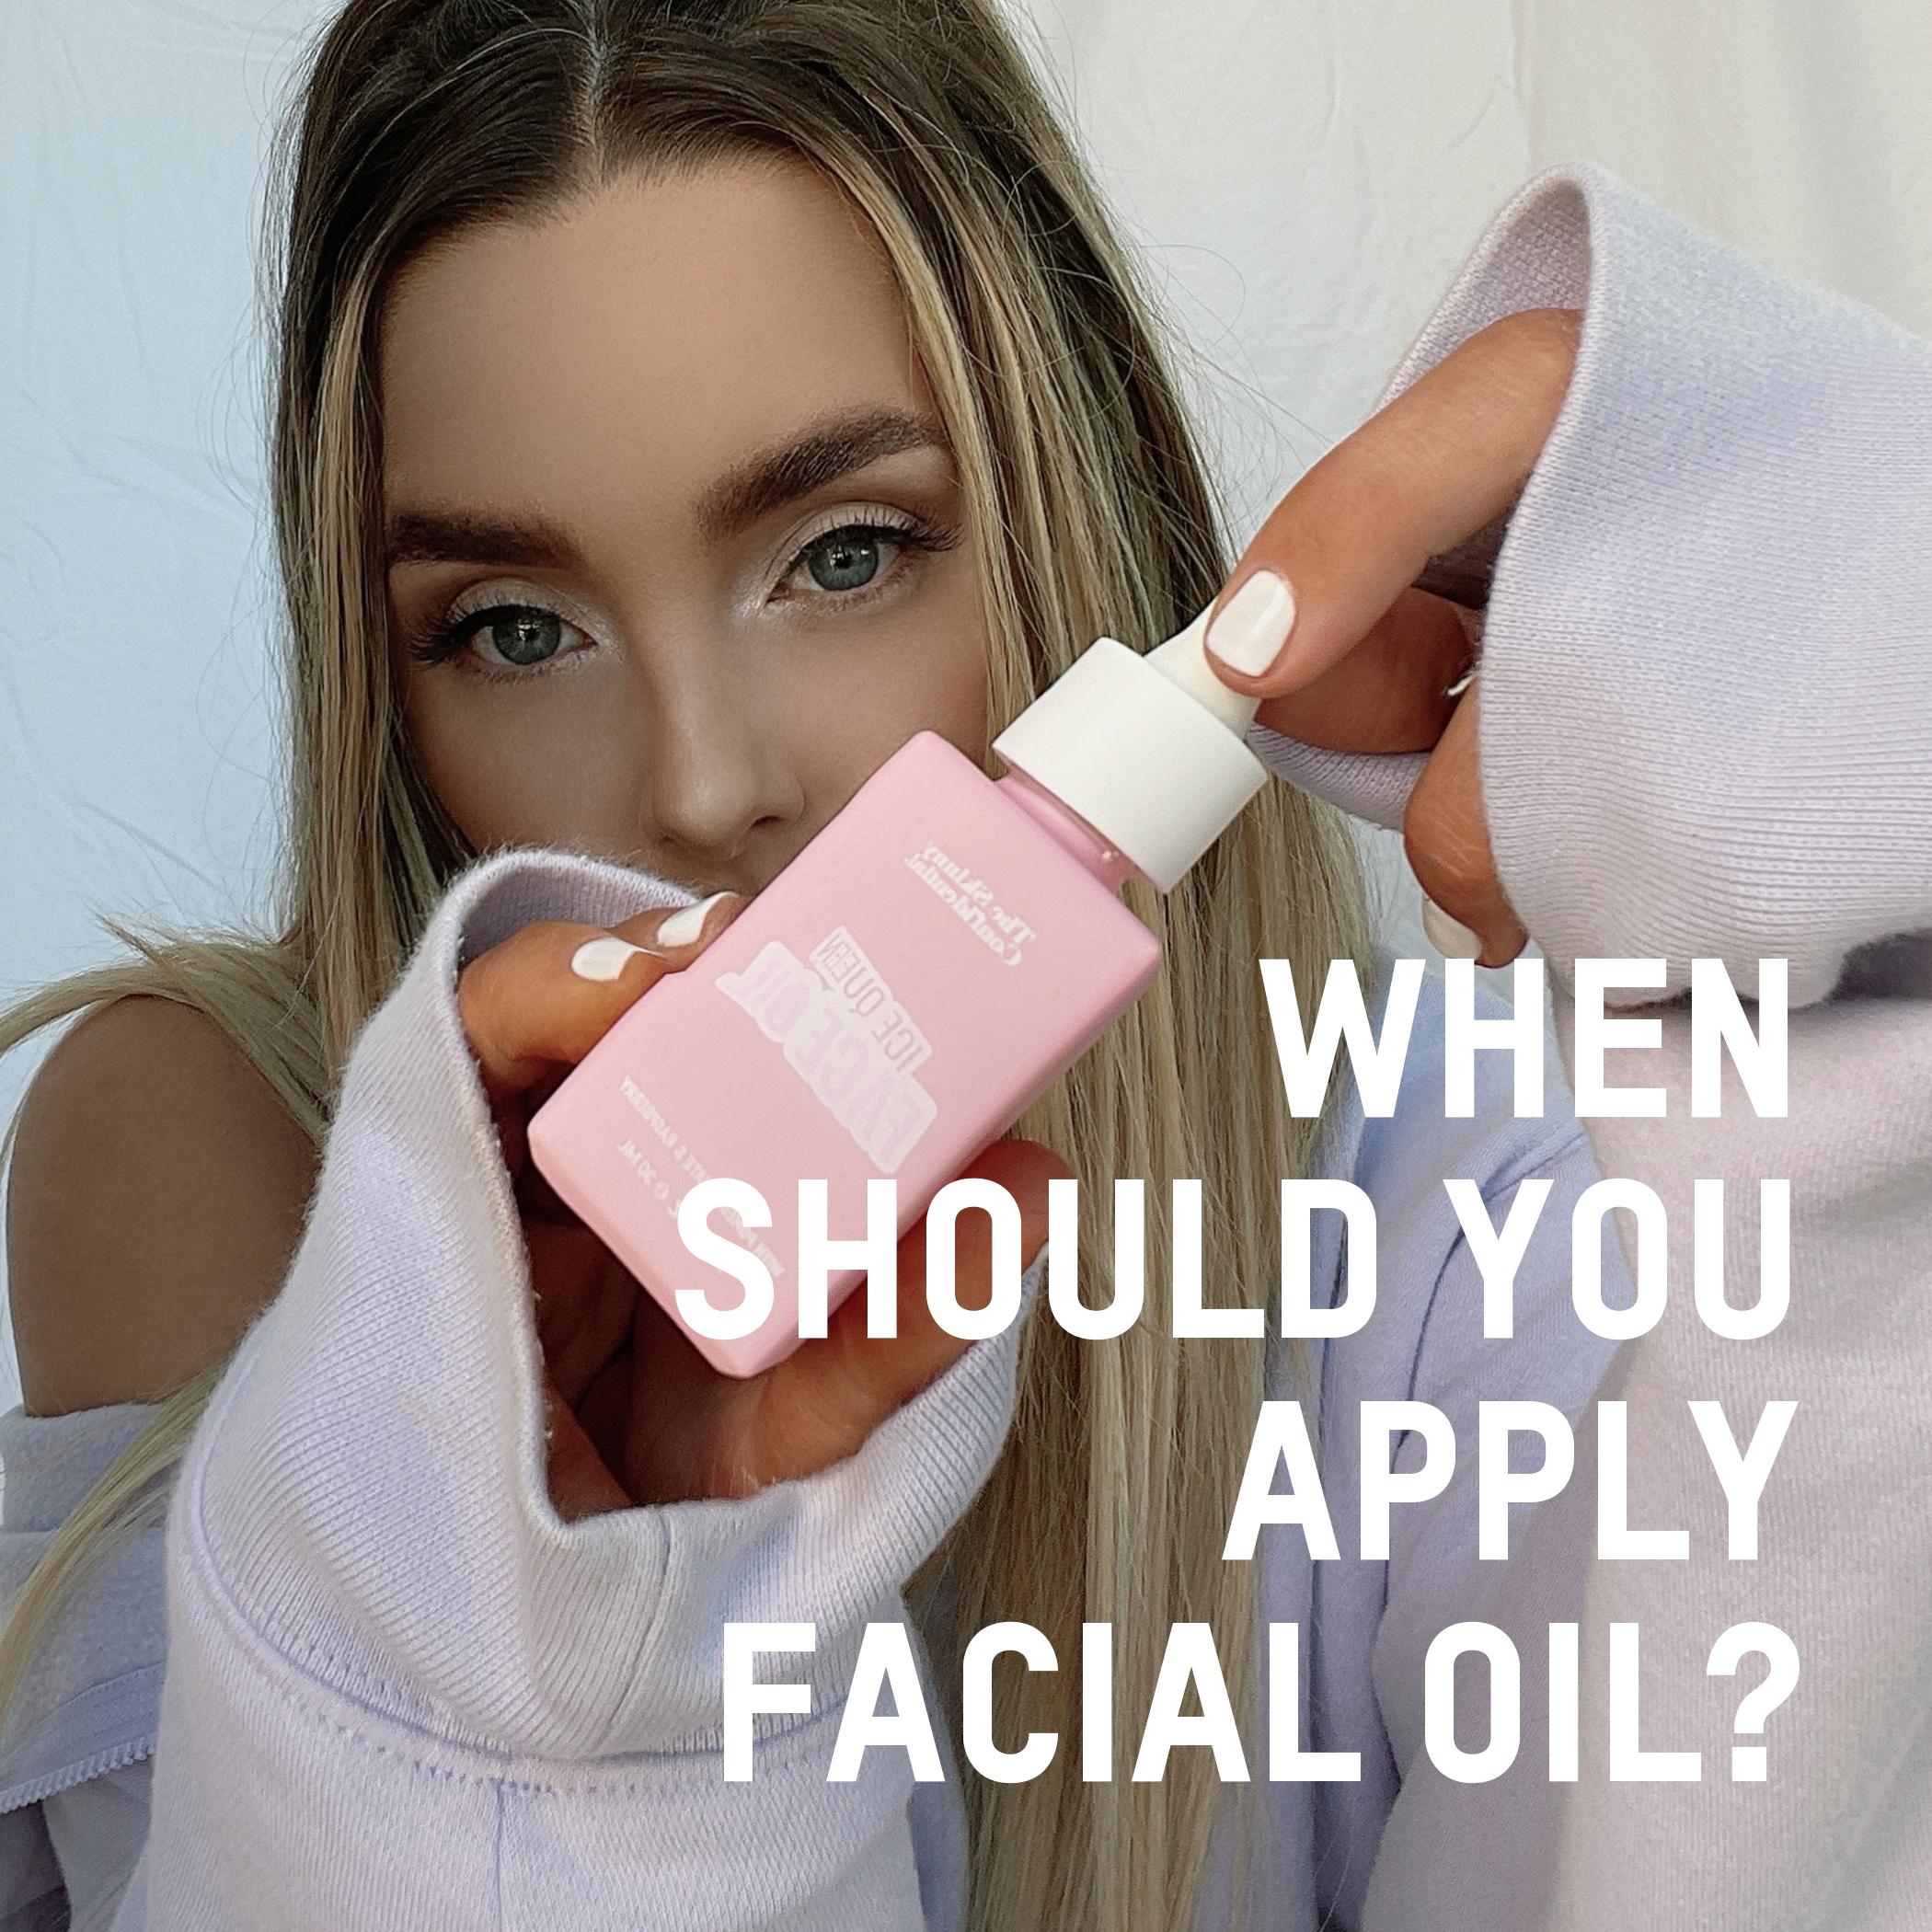 When Should You Apply Facial Oil